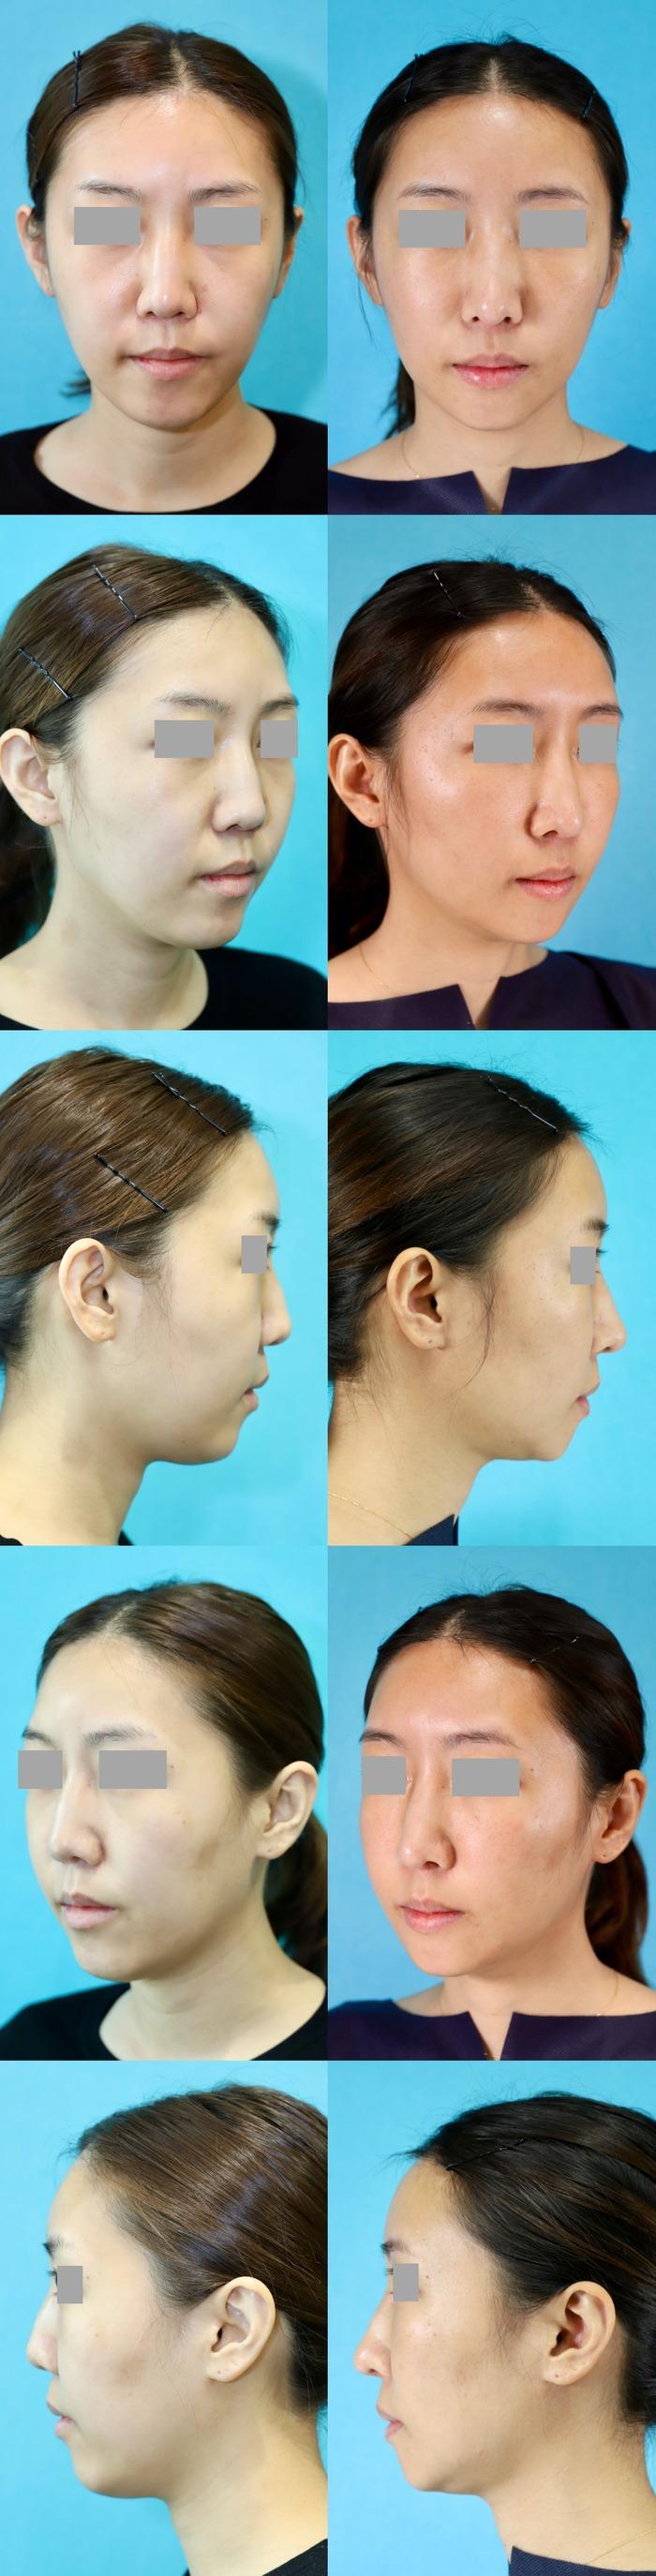 アゴ削り脂肪注入鼻中隔延長術